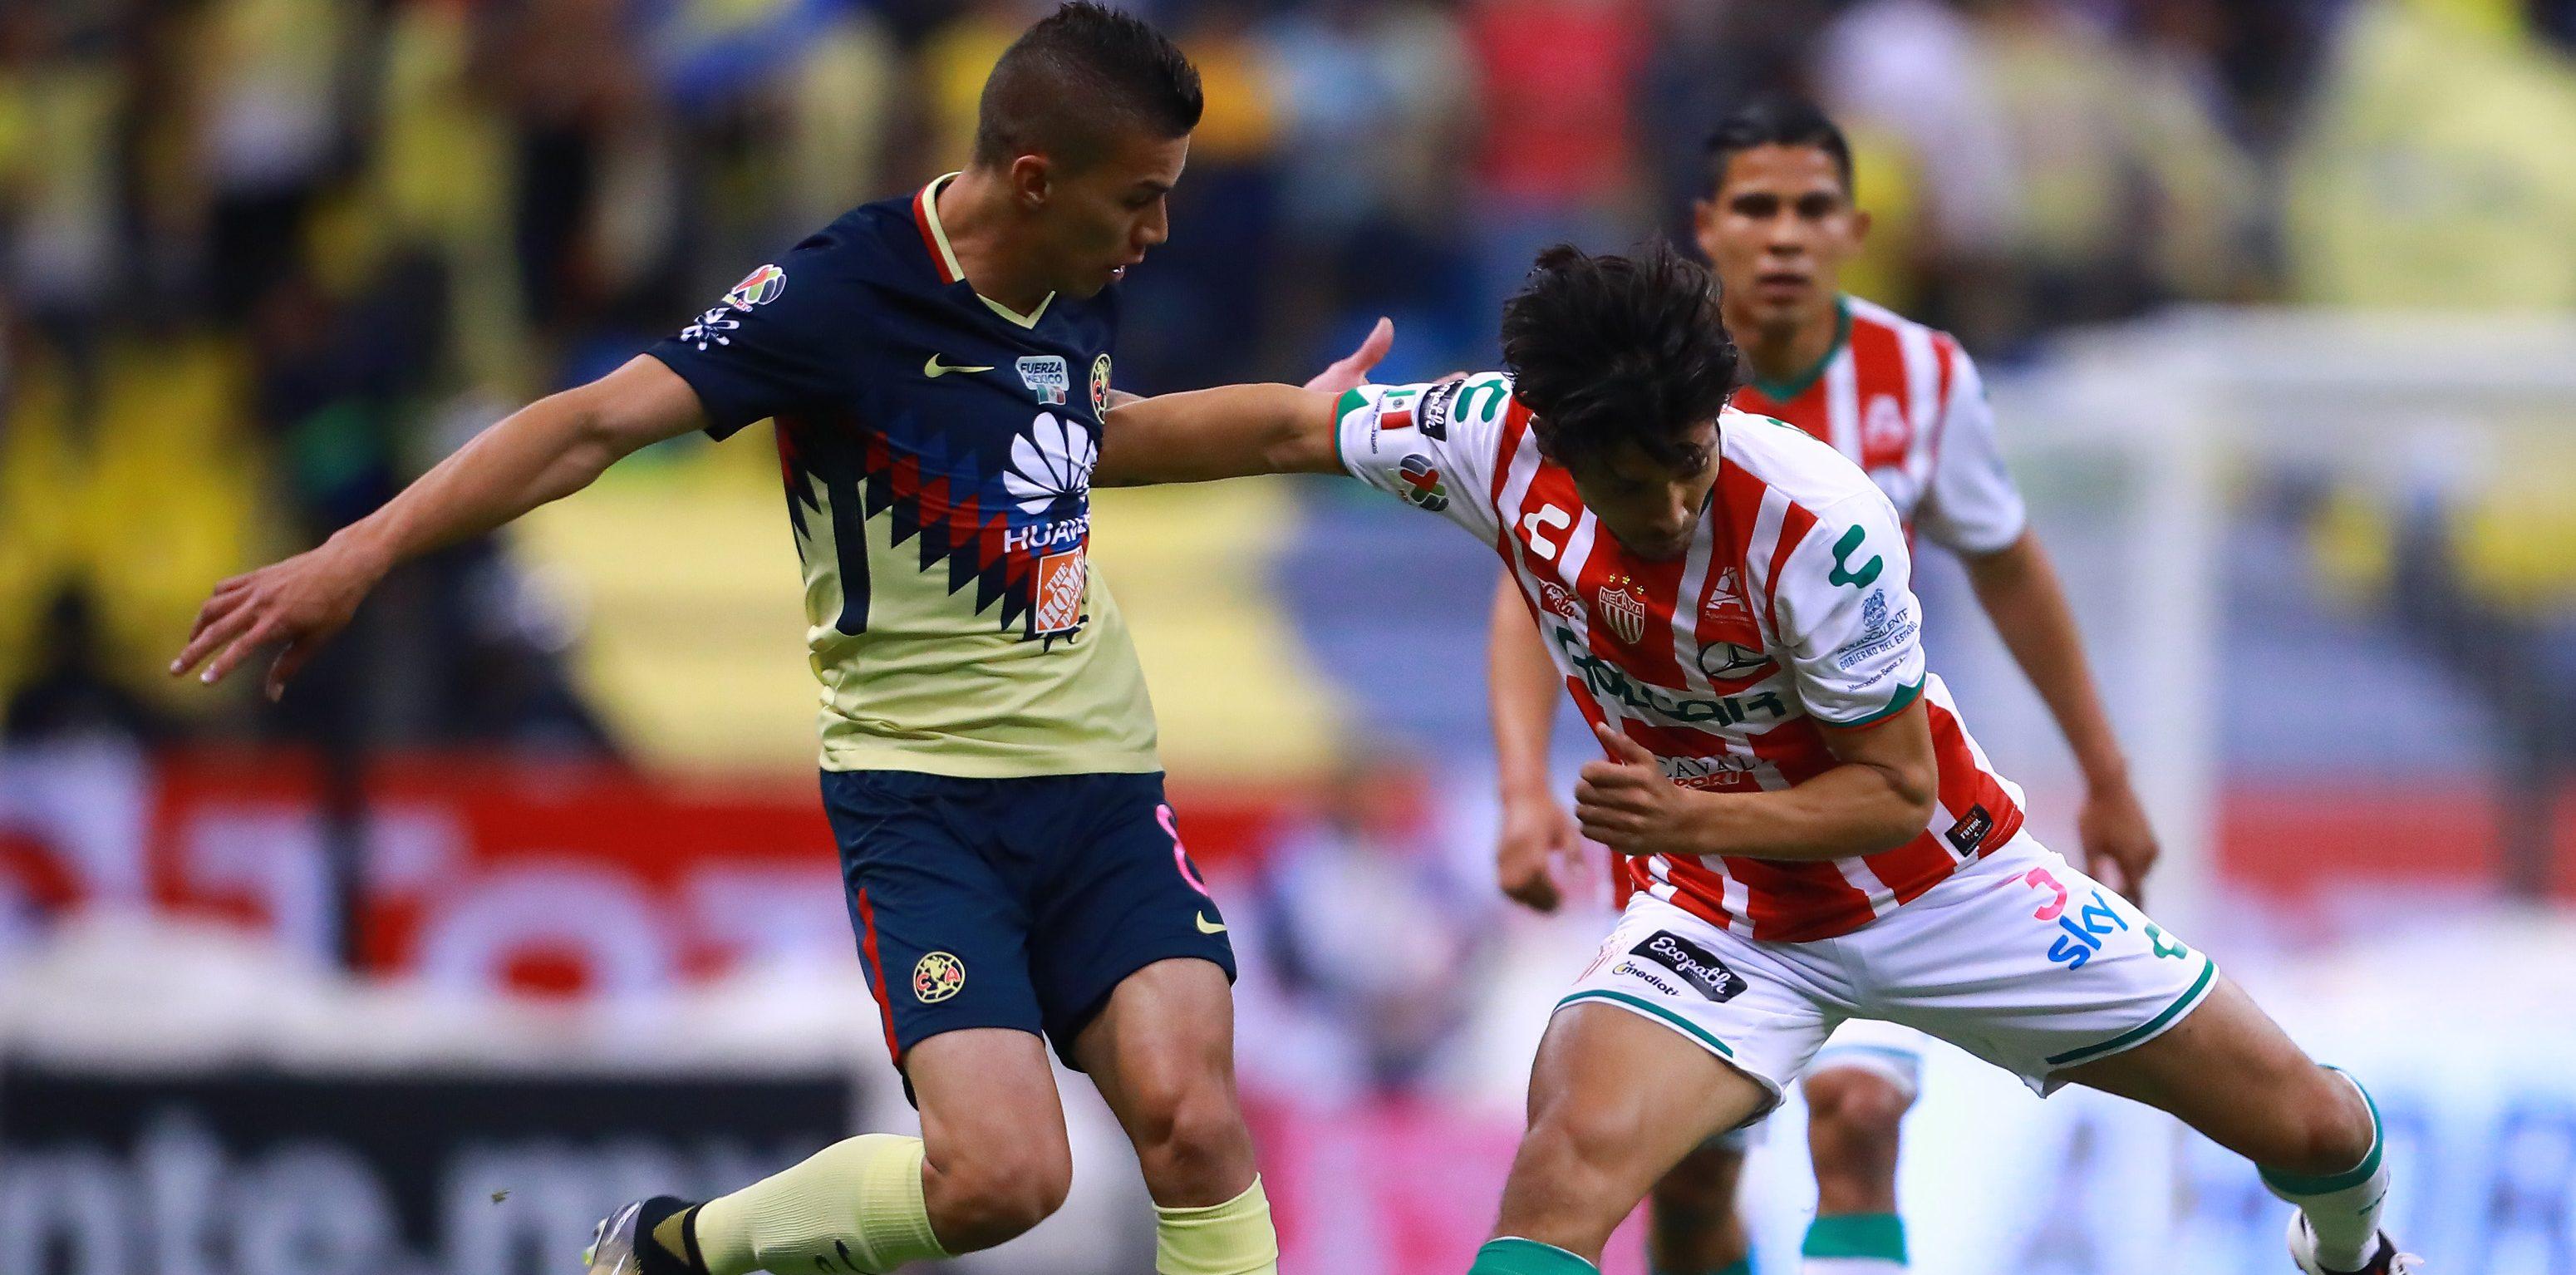 Necaxa América Apertura 2018 Jornada 1 Horario